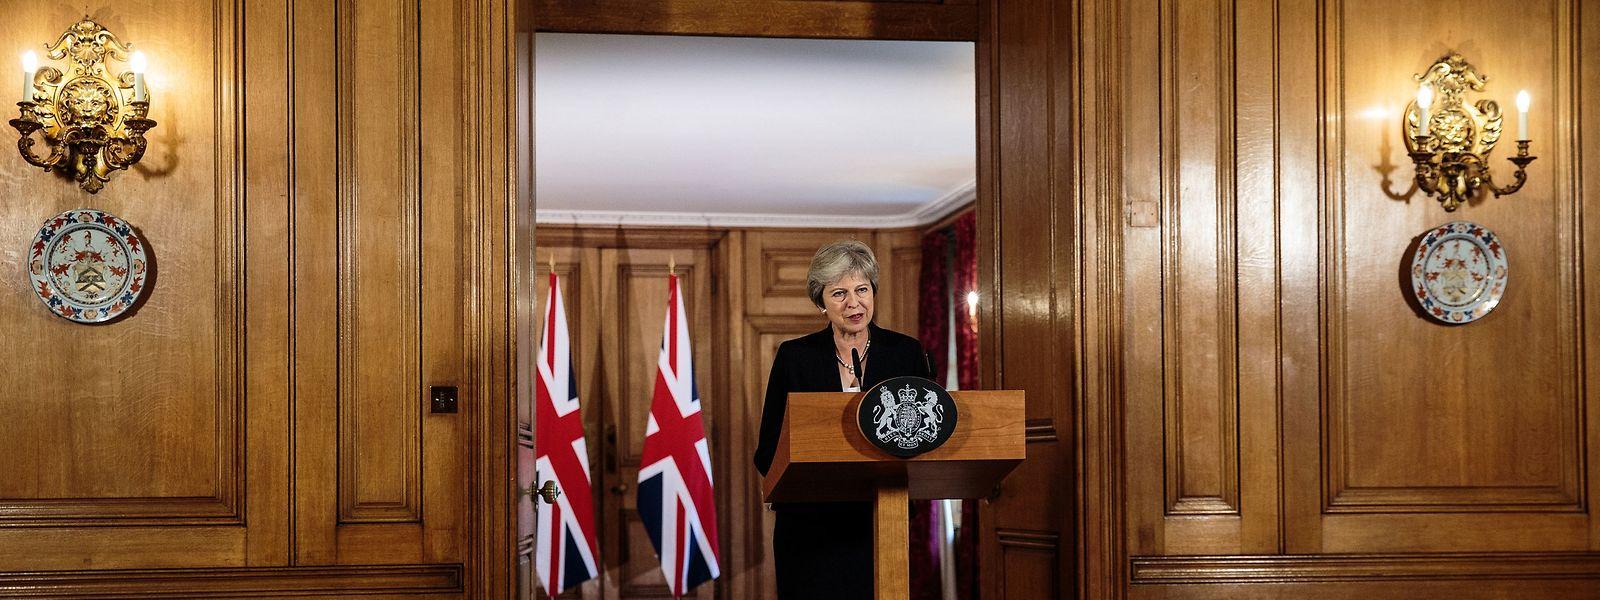 Theresa May, Premierministerin von Großbritannien, spricht nach dem informellen EU-Gipfel in Salzburg, in der Downing Street.